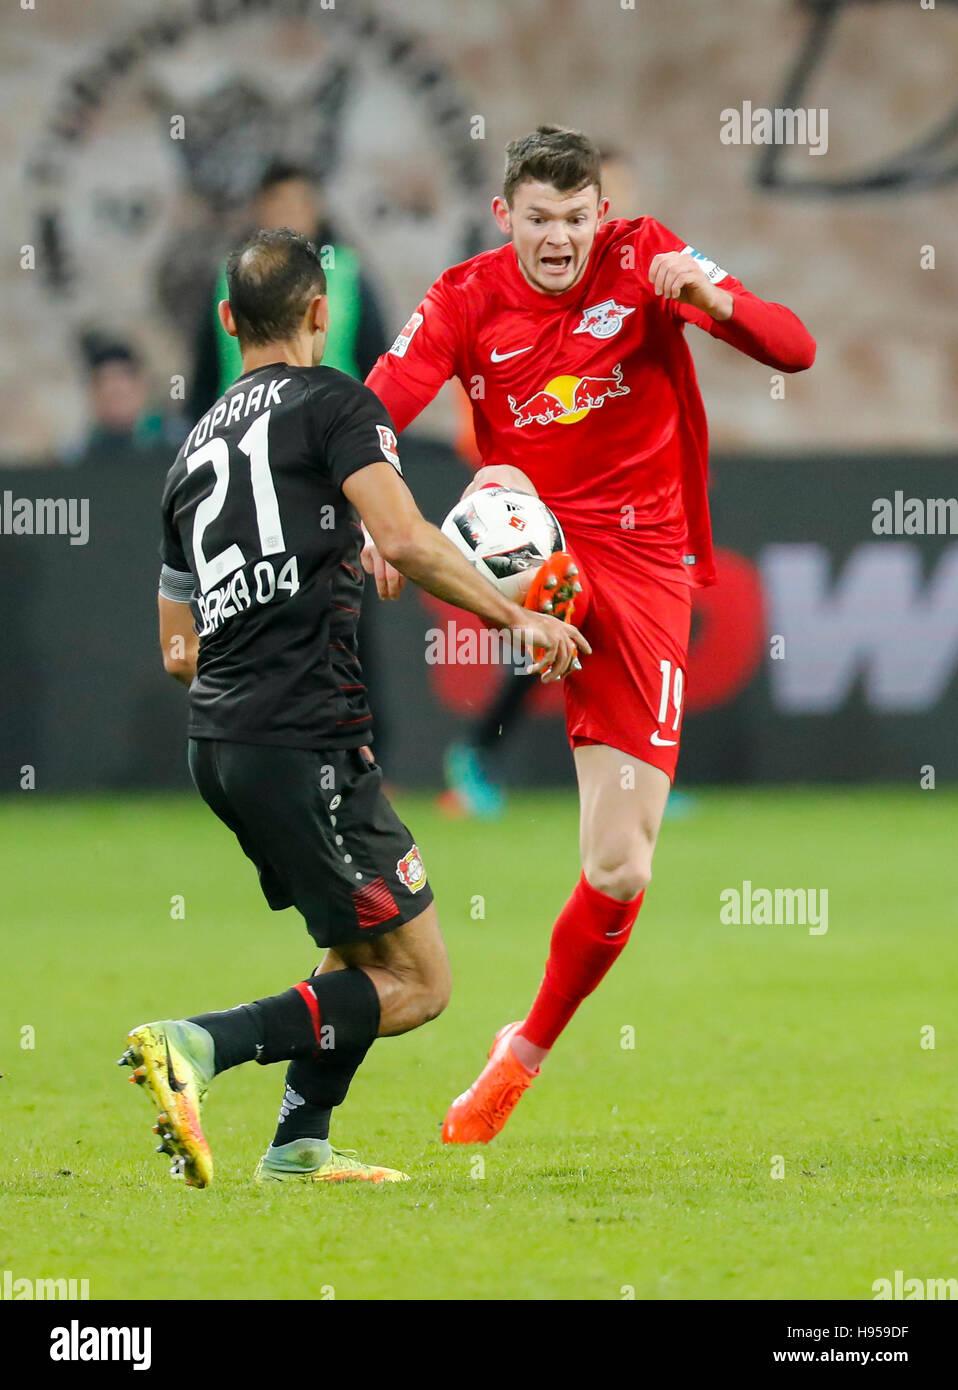 Leverkusen, Germany. 18th Nov, 2016. Oliver BURKE, RB Leipzig 19 fights for the ball against Oemer TOPRAK, Lev 21 - Stock Image